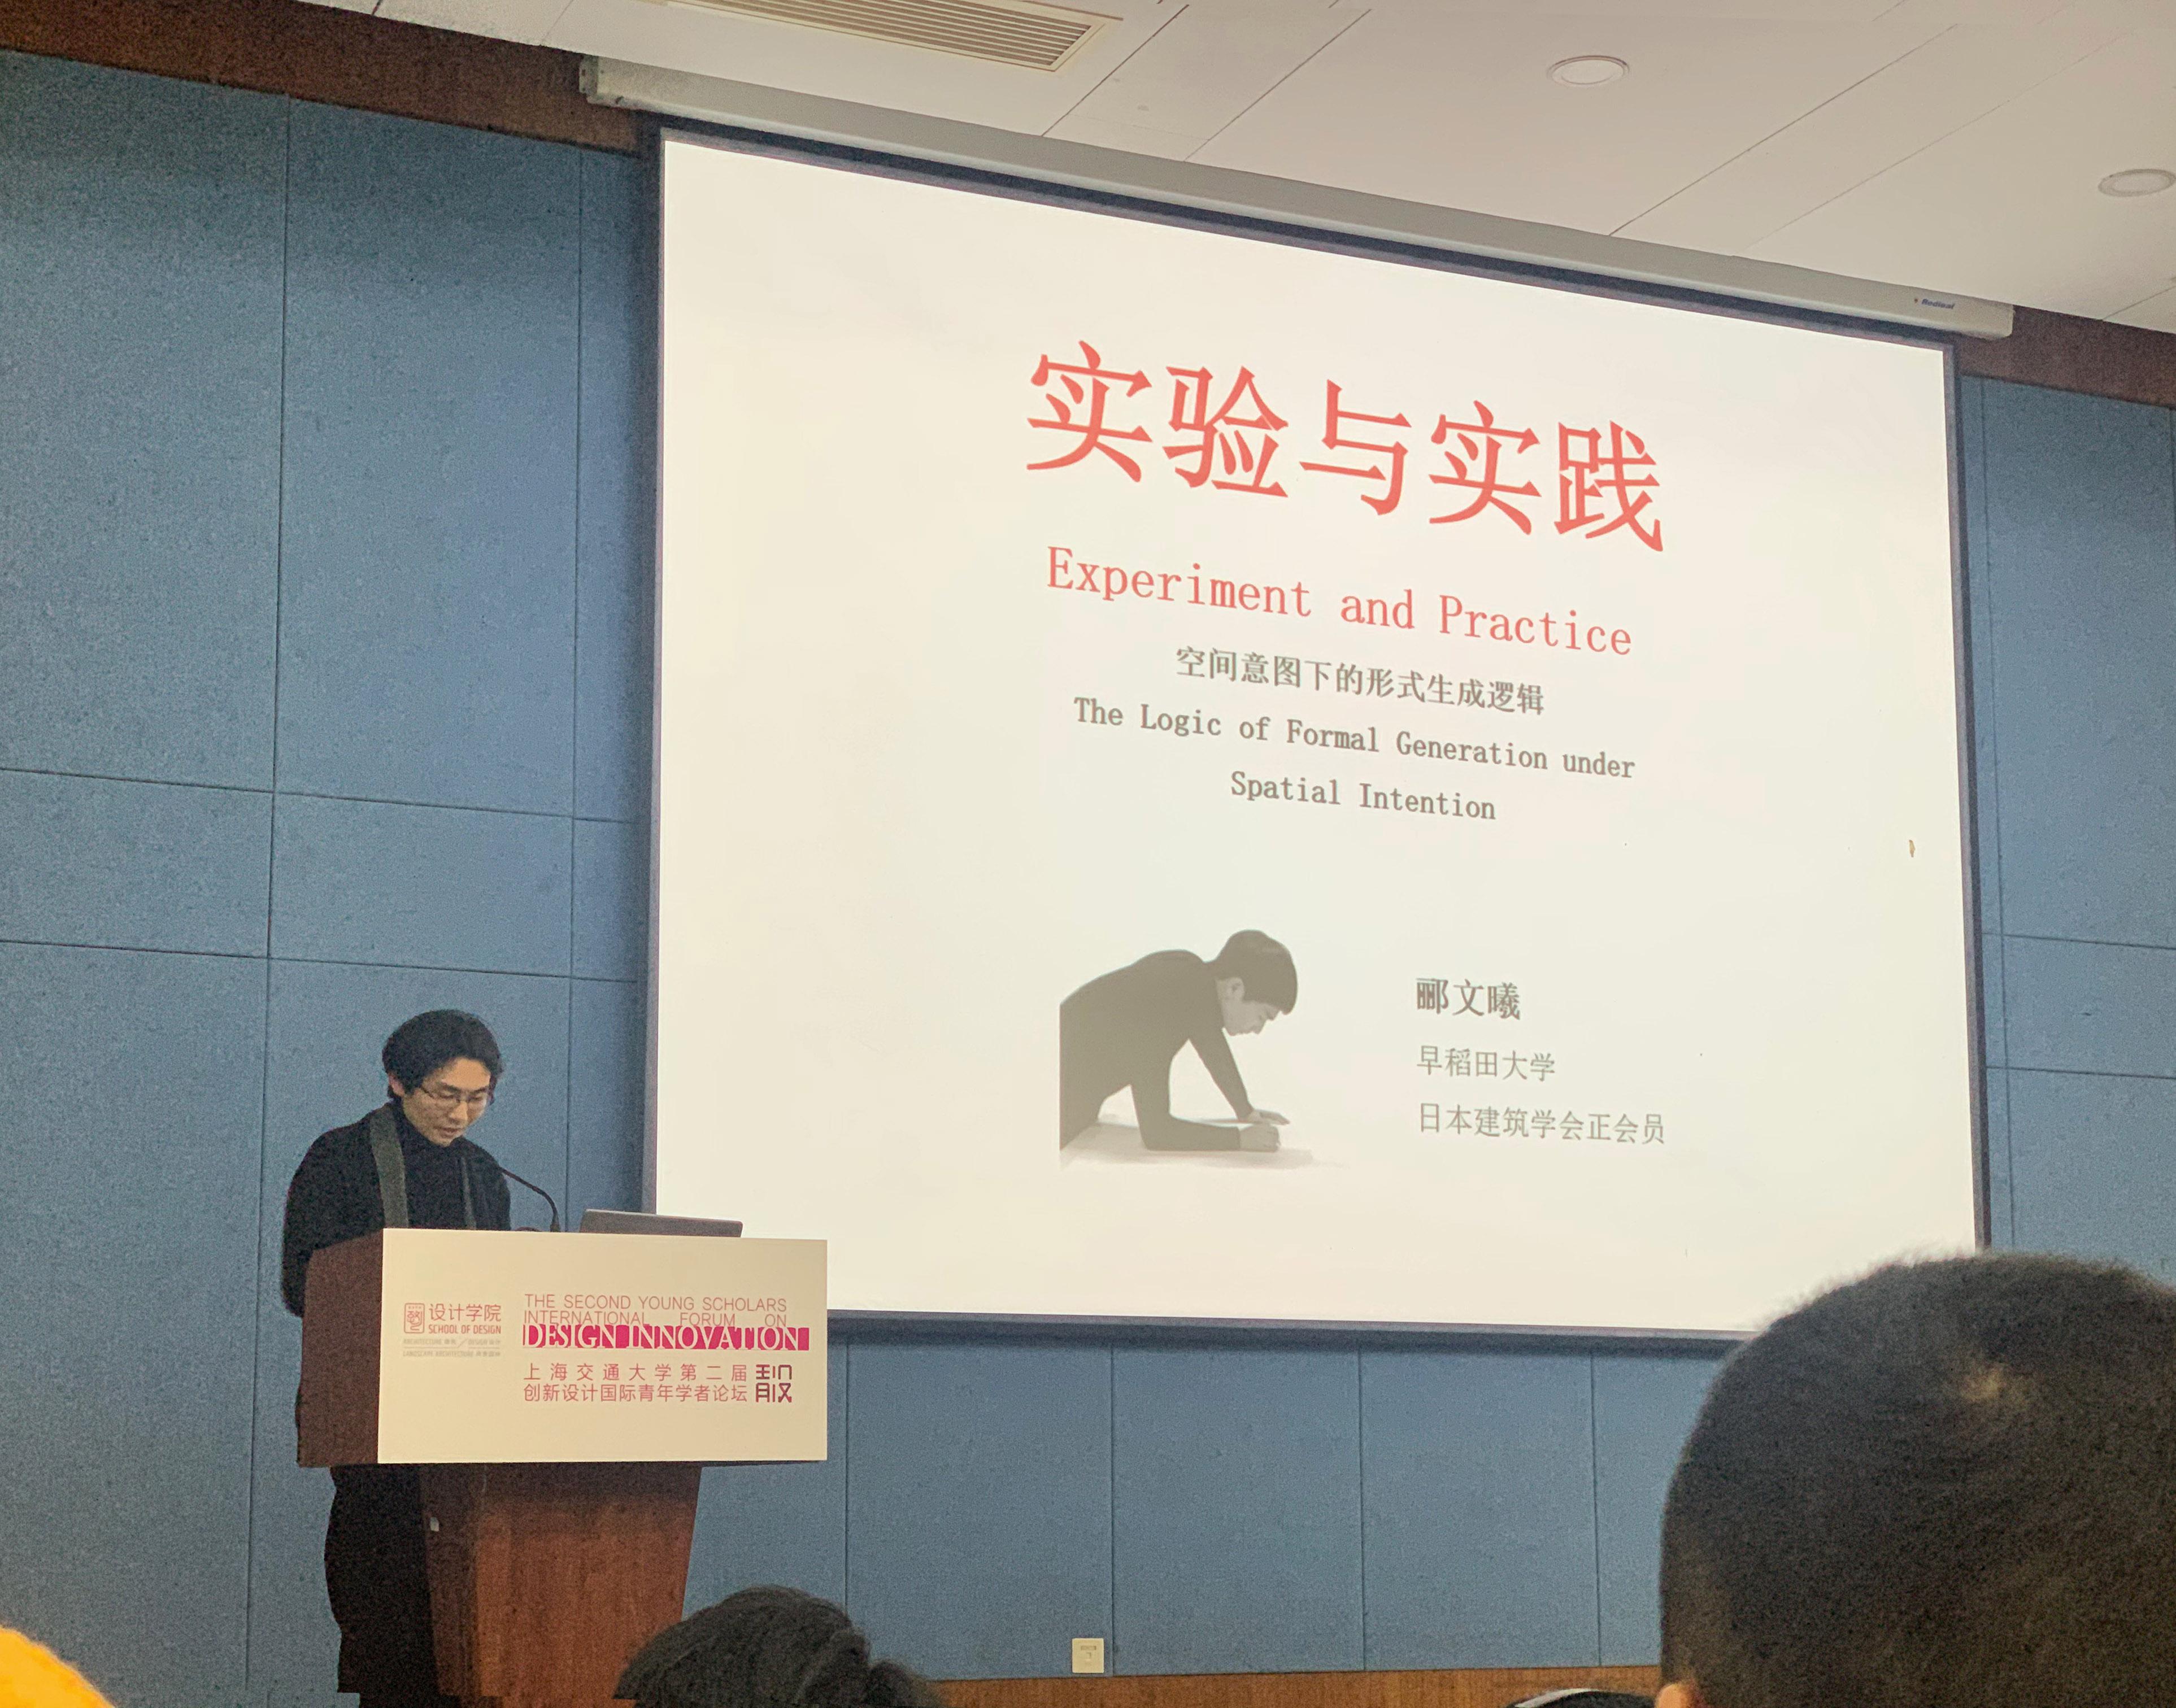 实验与实践-郦文曦上海交通大学设计学院论坛